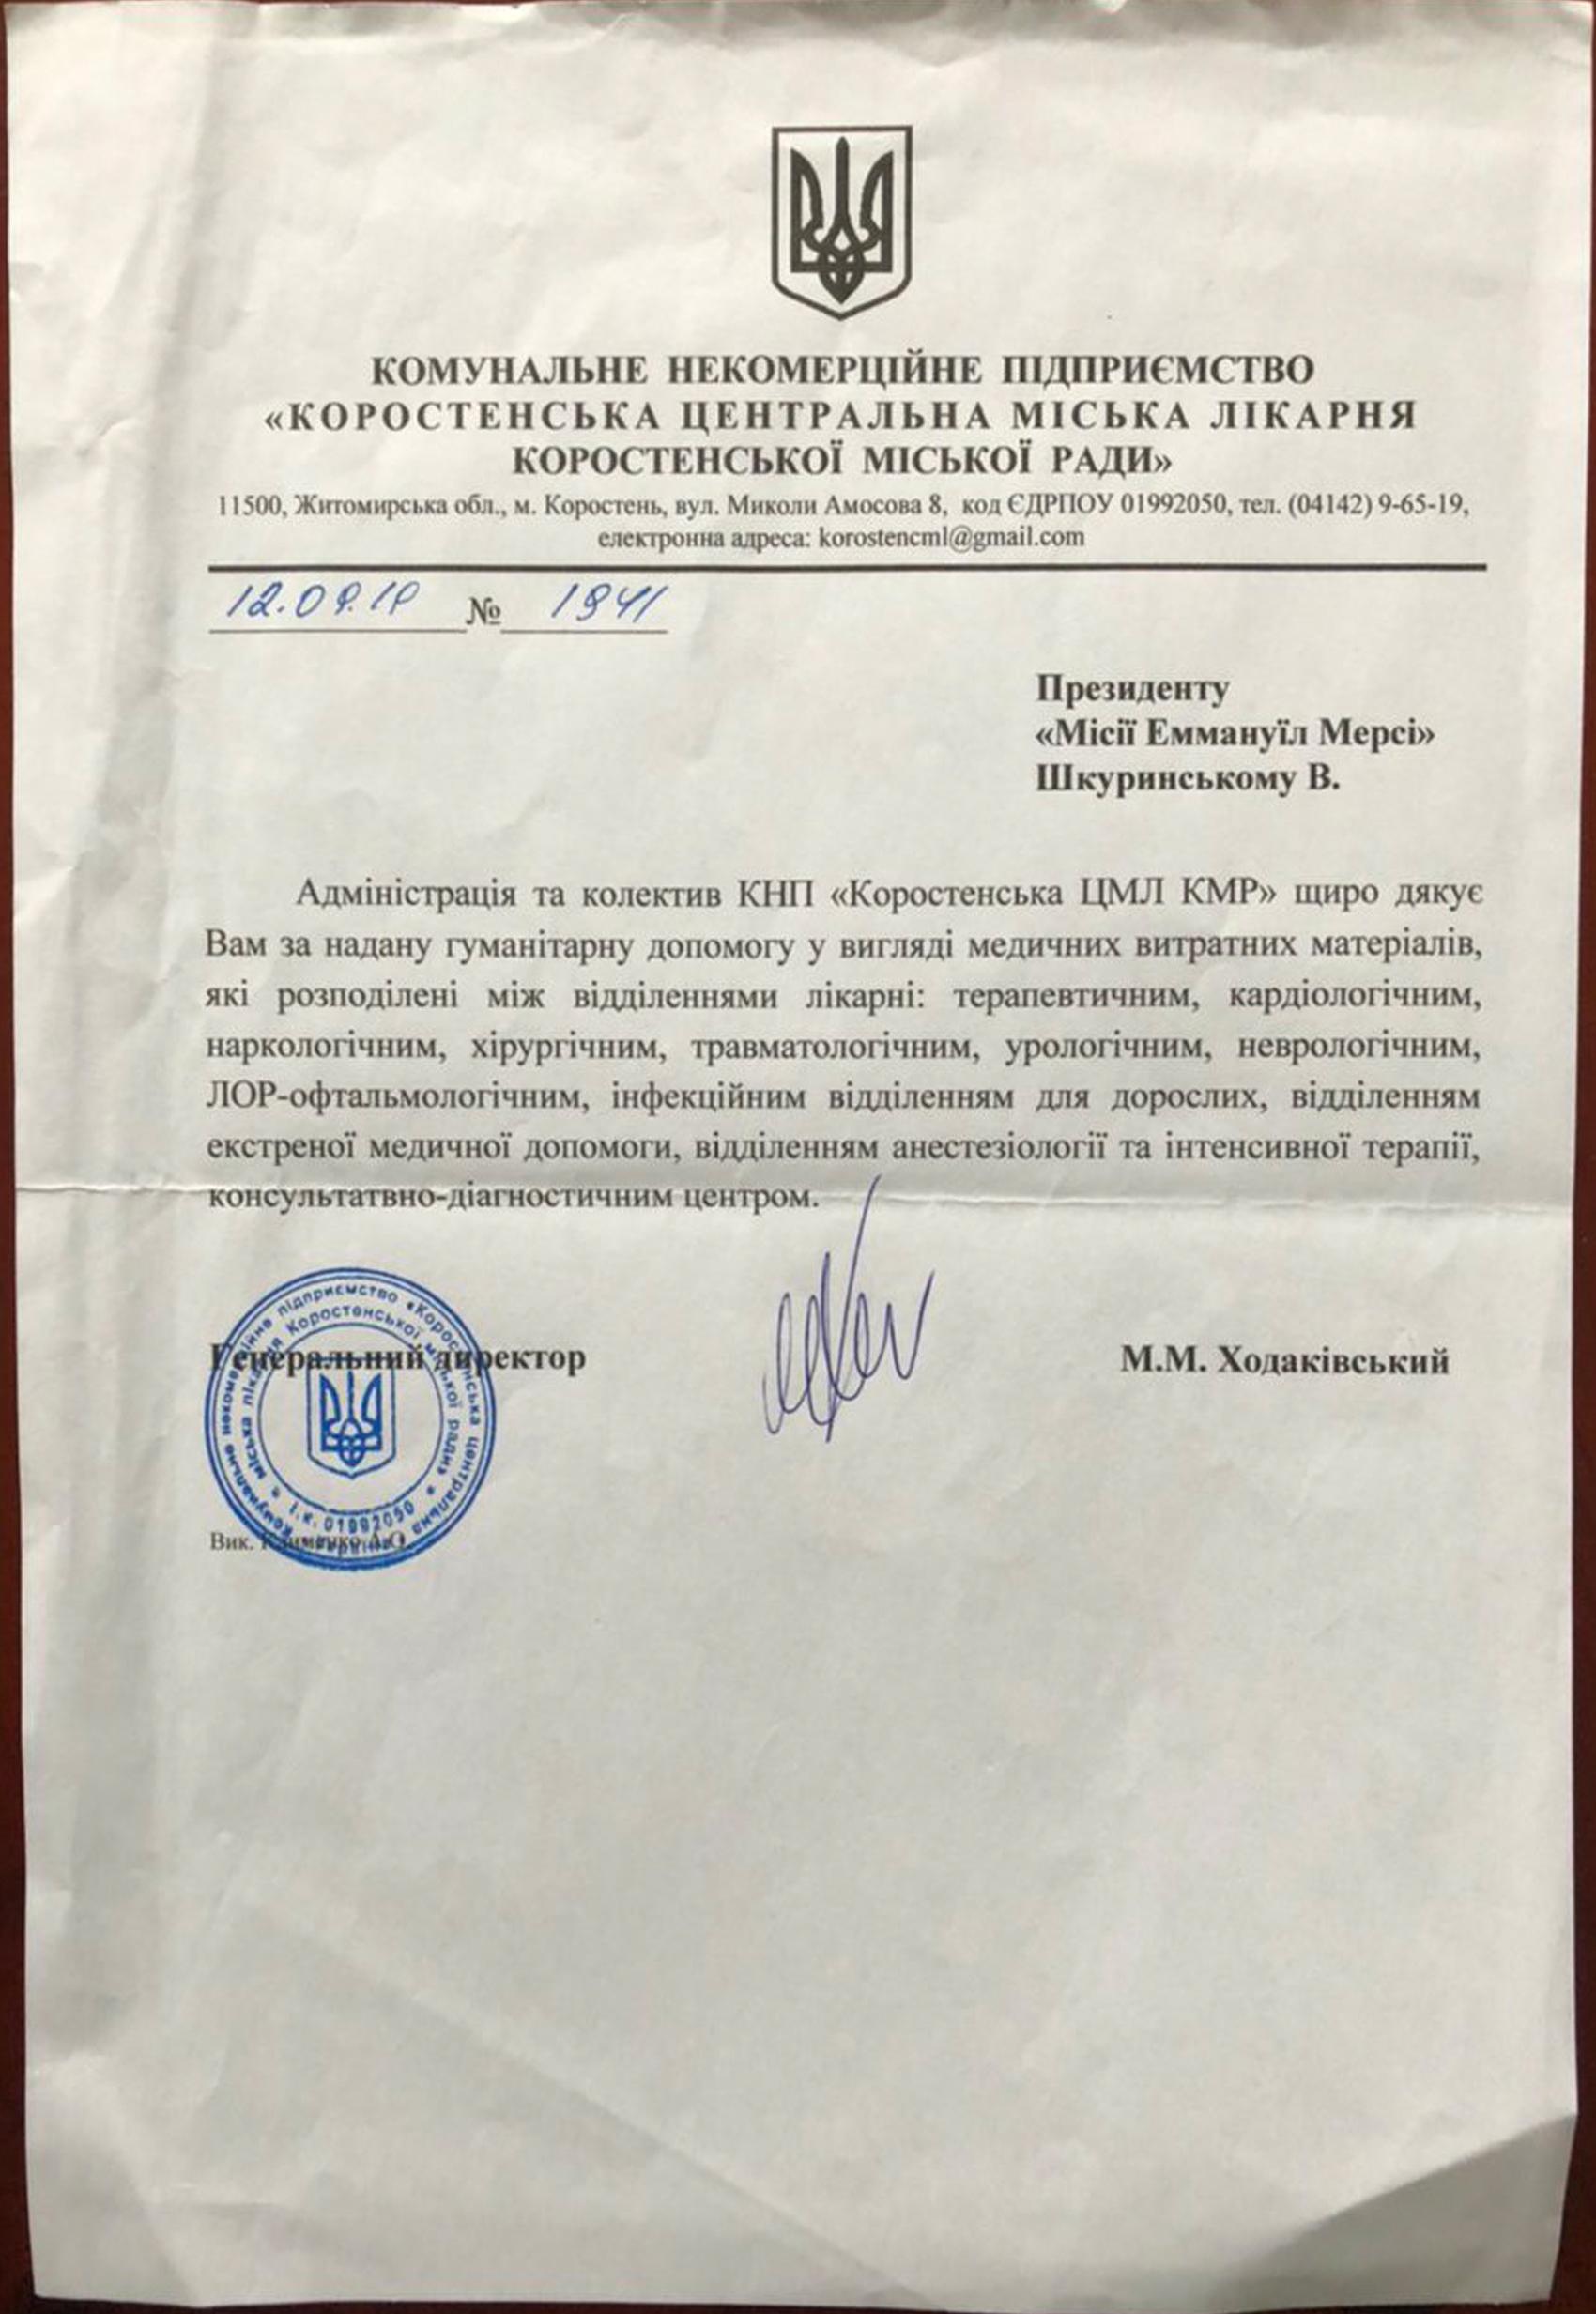 Cert-ukr-2019-9